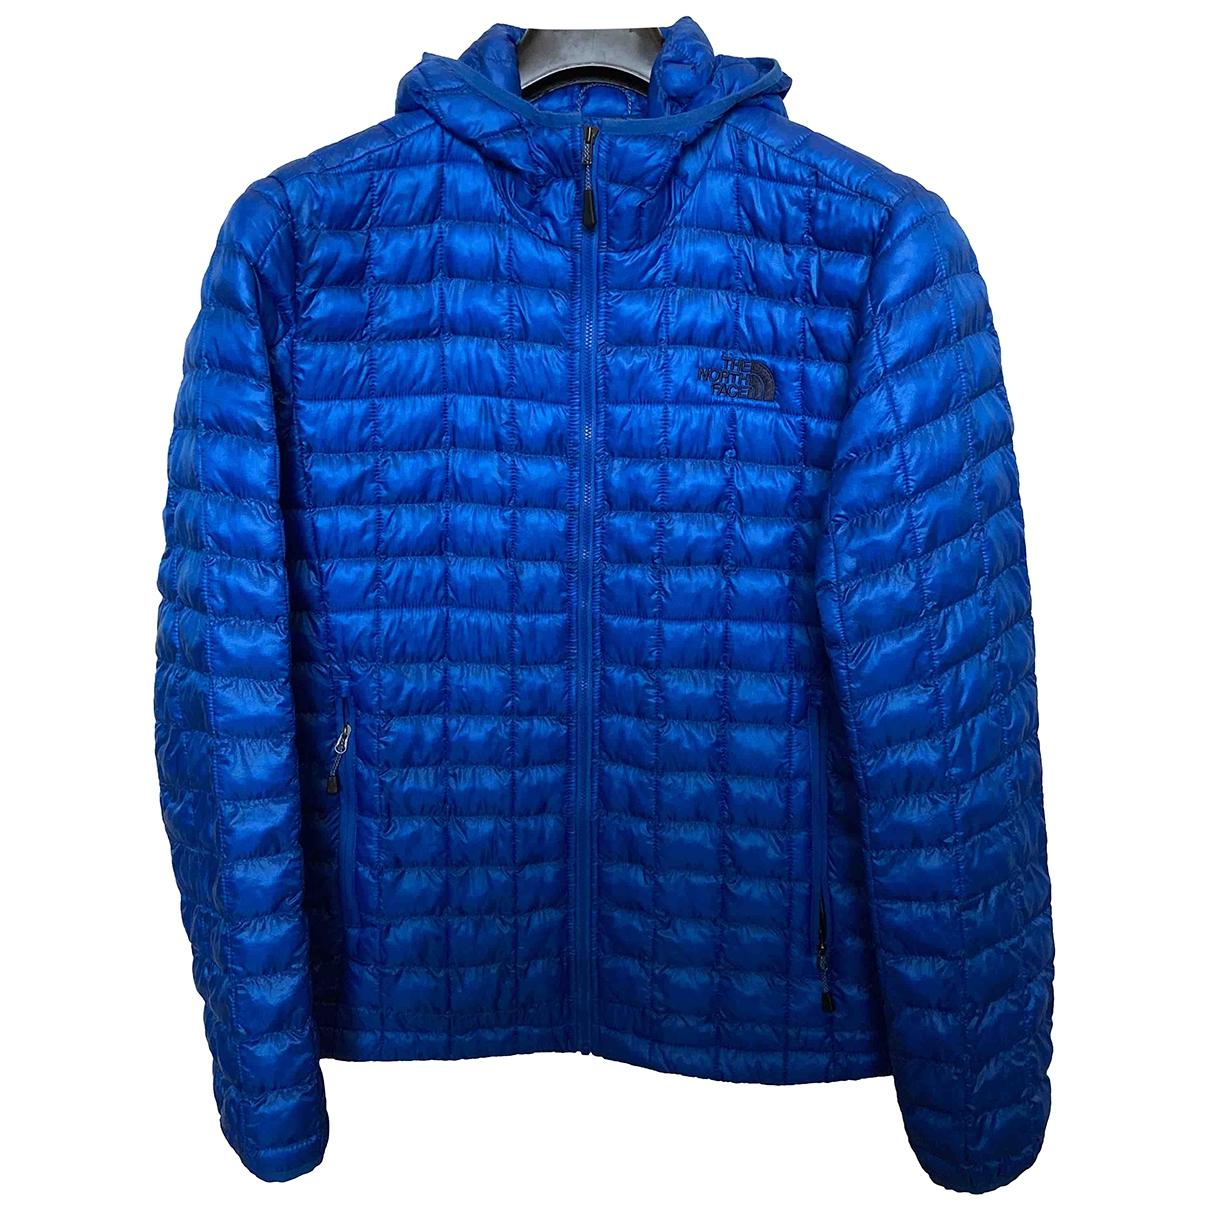 The North Face - Manteau   pour homme - bleu